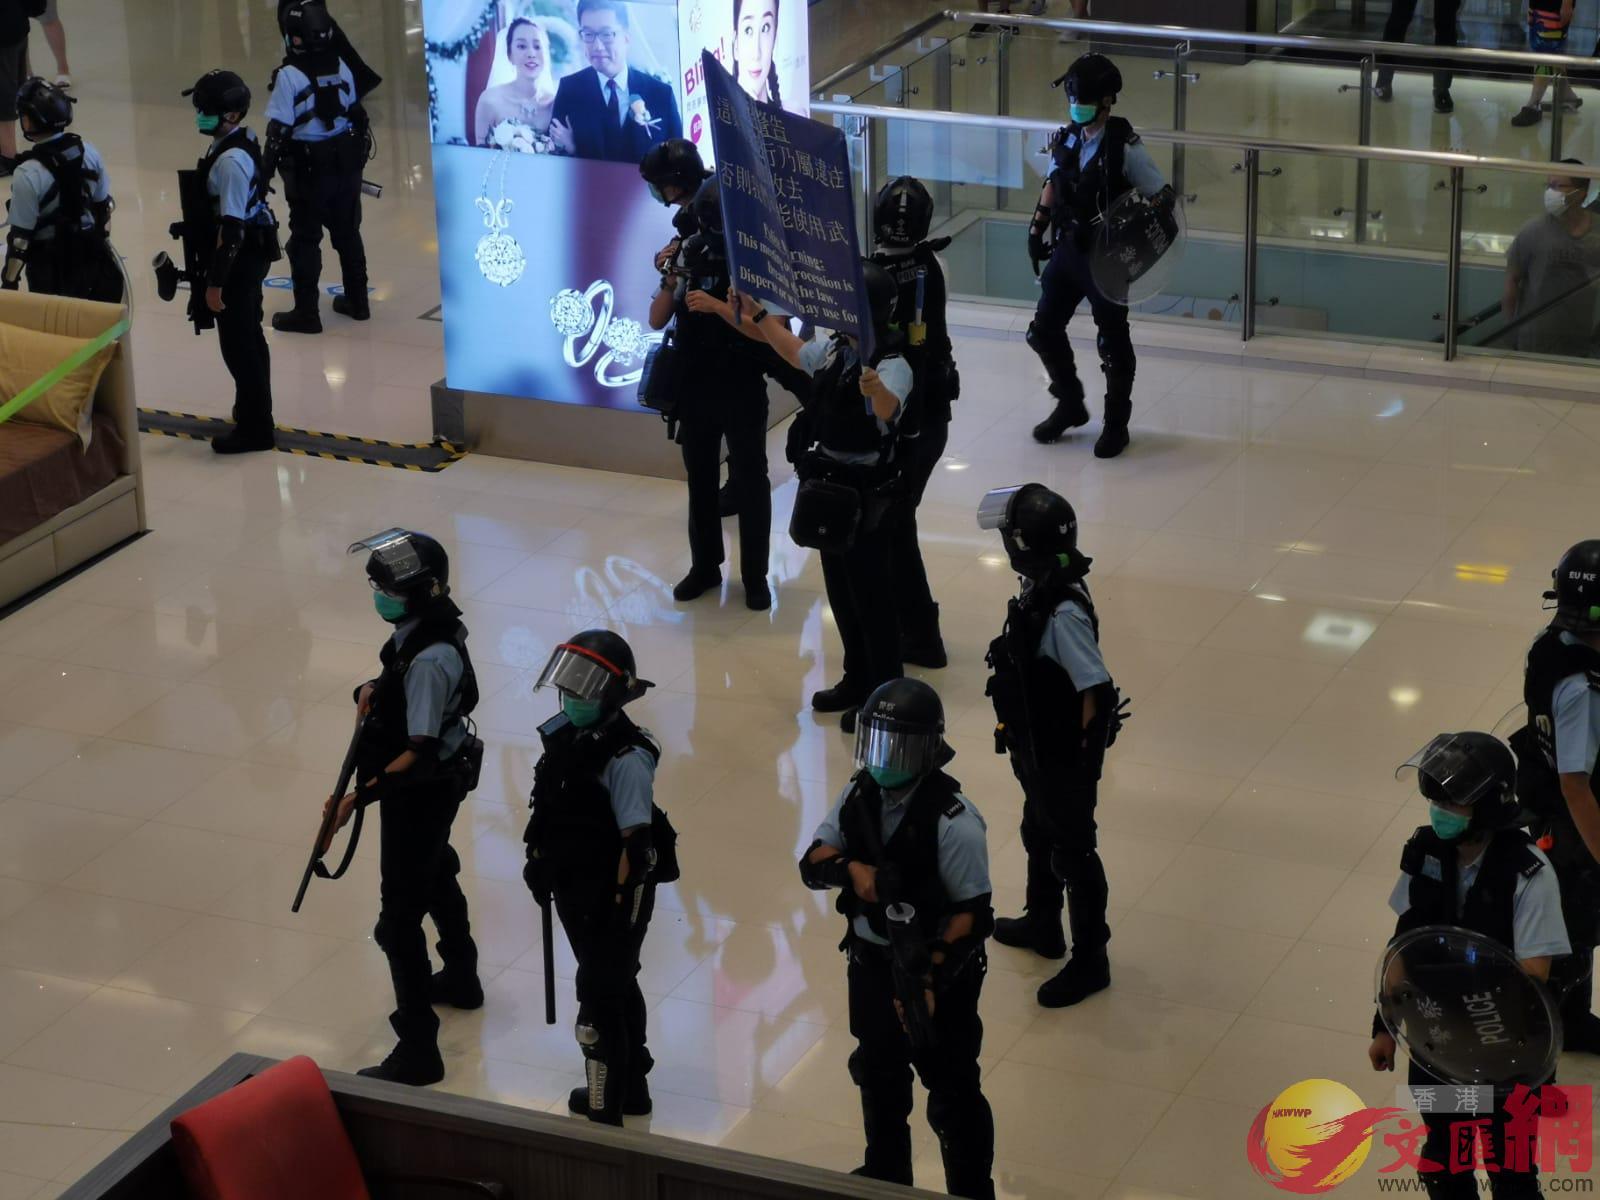 防暴警在將軍澳東港城商場舉藍旗拘捕8人(大公文匯全媒體記者何燊亮攝)